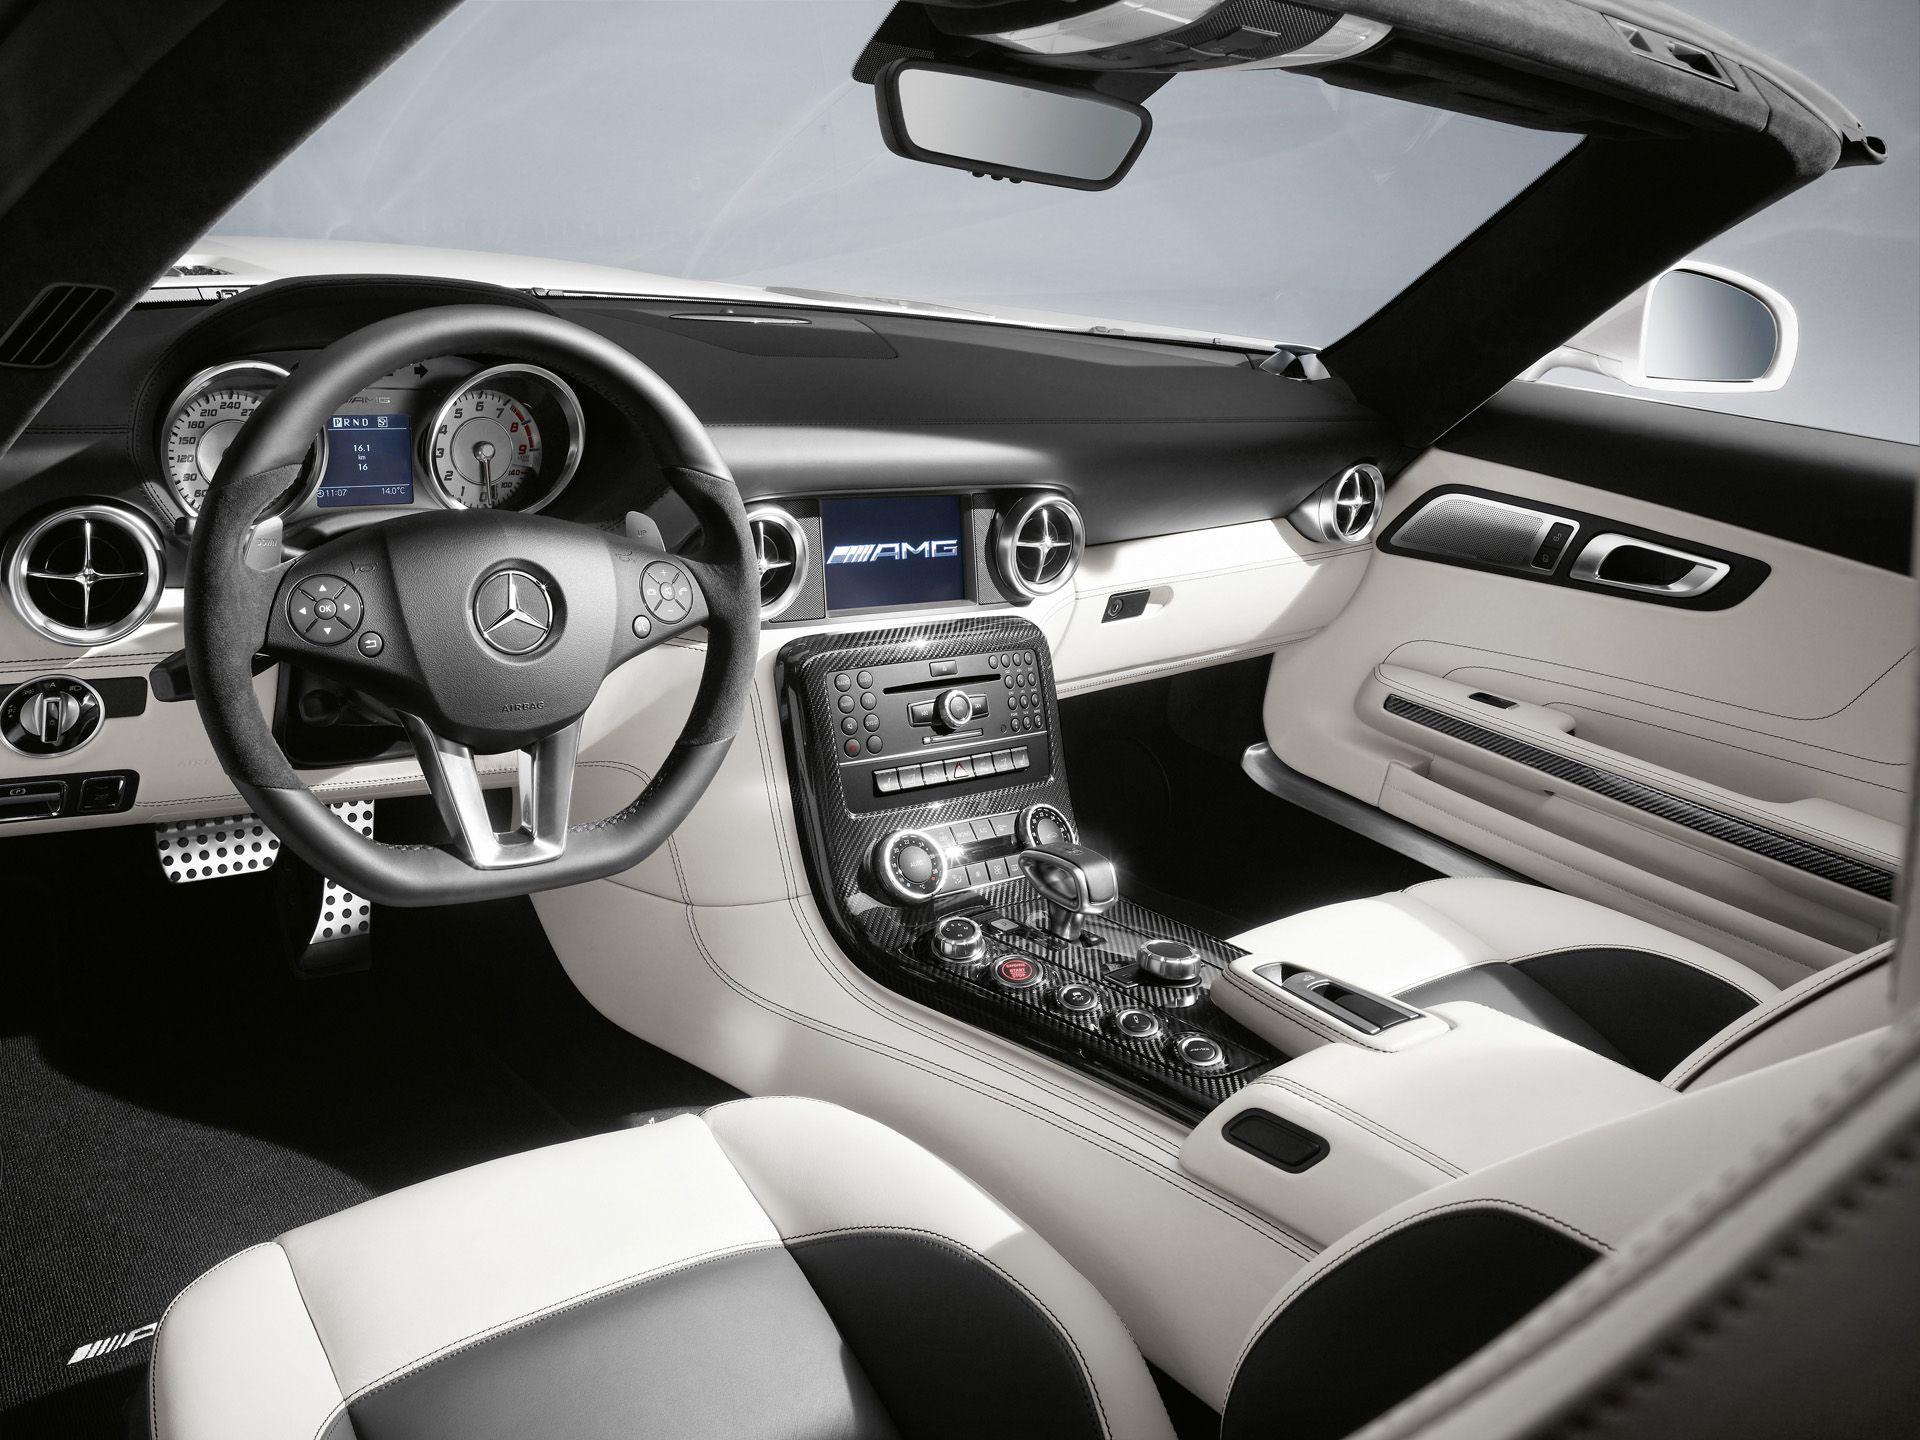 2011 Mercedes Benz Sls Amg Roadster Interior Med Bilder